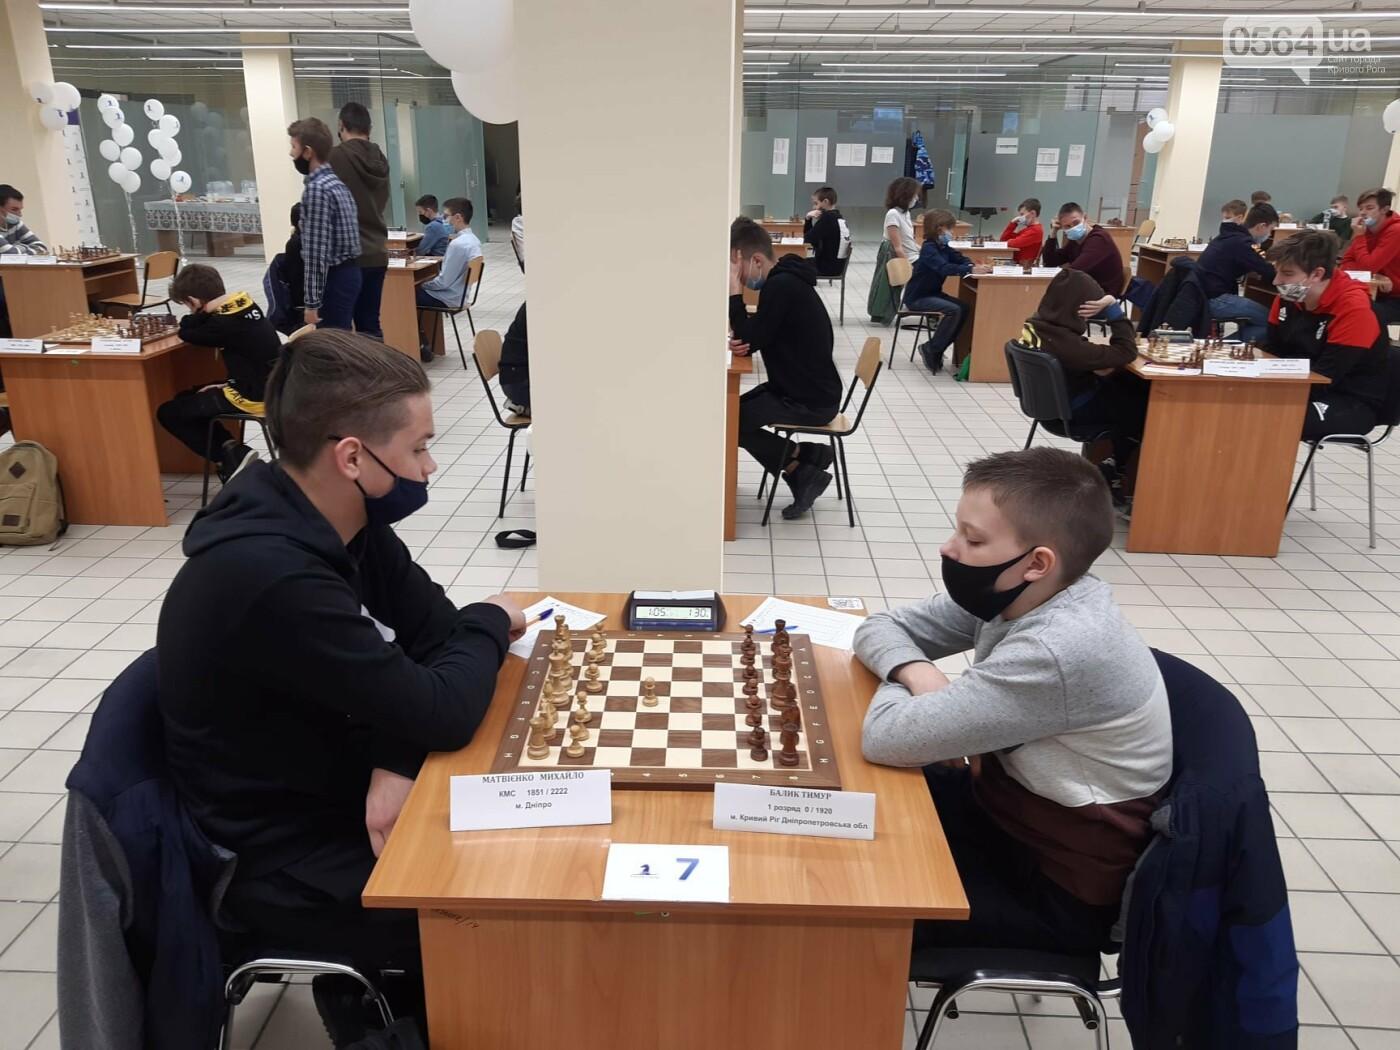 Юные шахматисты из Кривого Рога заняли 7 и 8 место на Чемпионате Украины, - ФОТО, фото-2